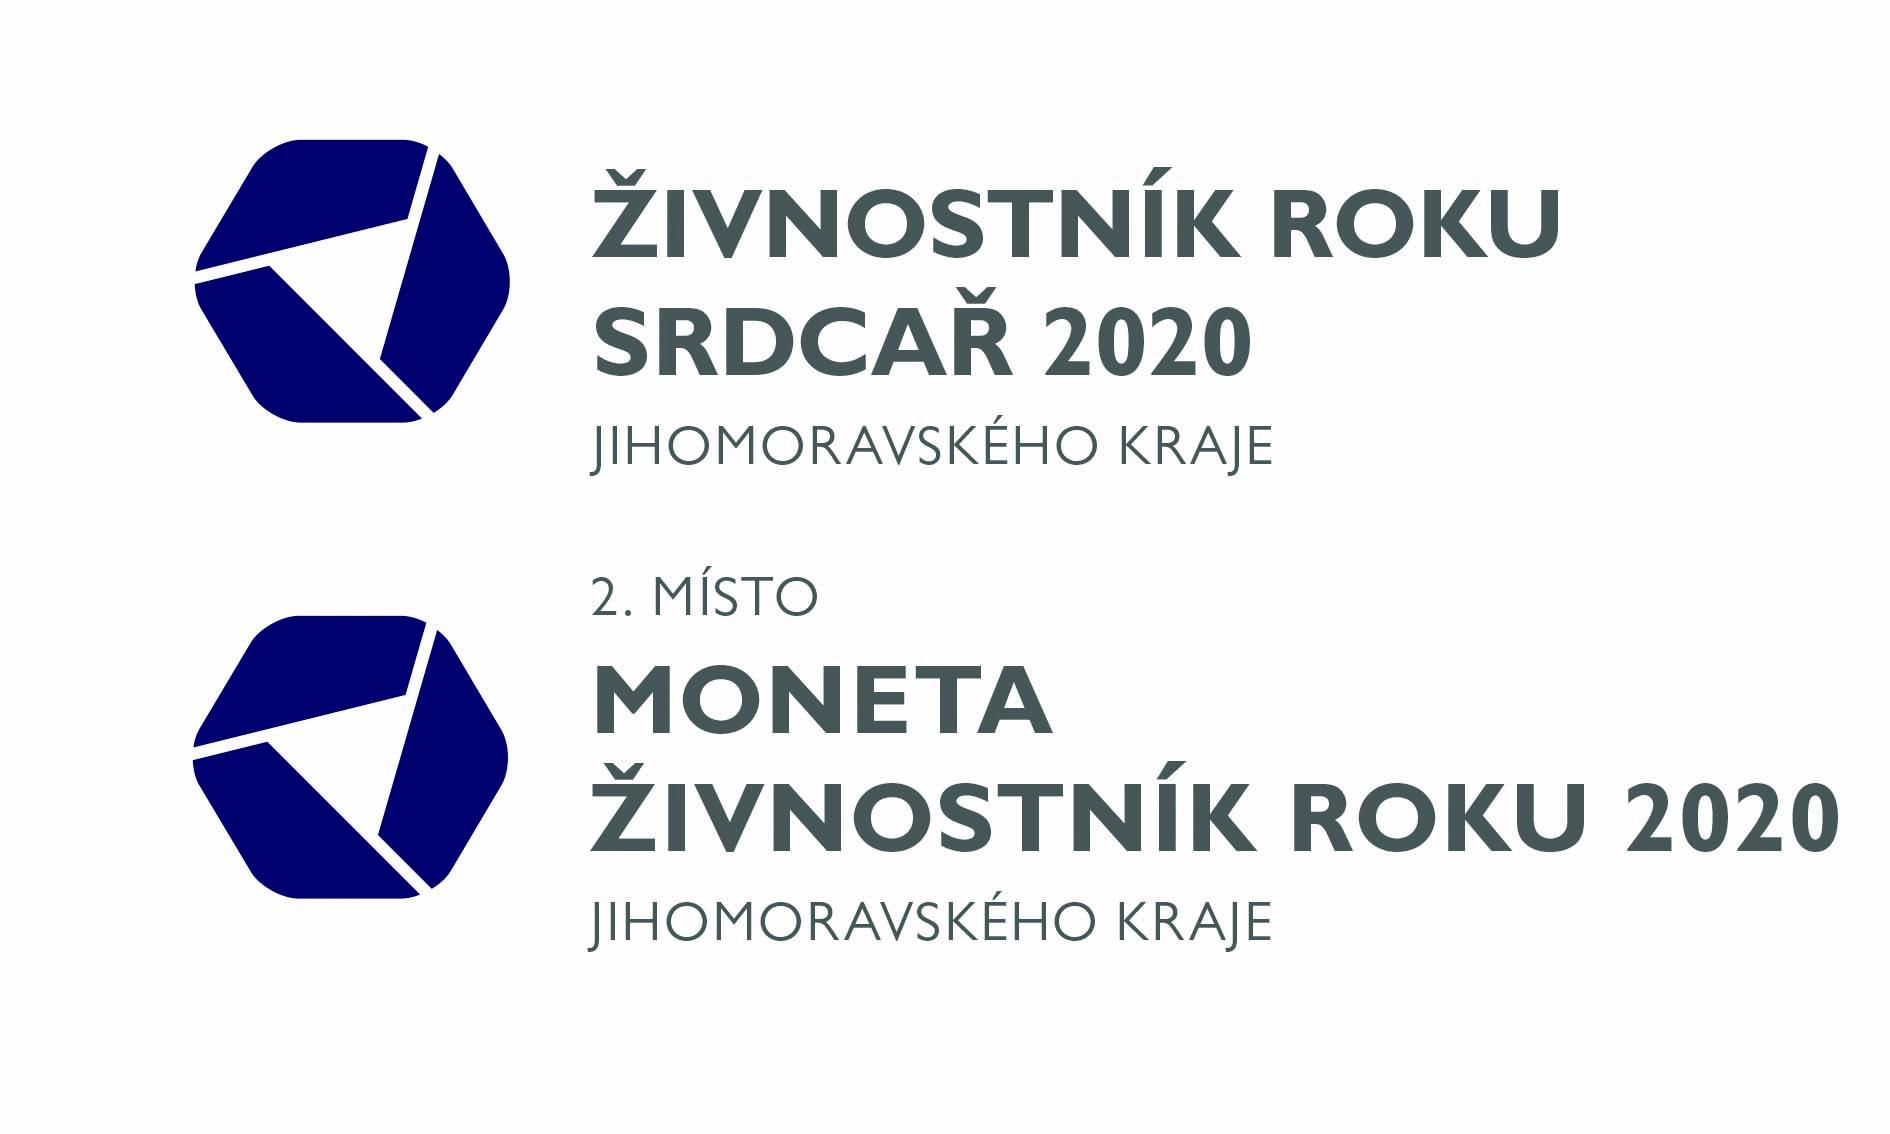 logo Živnostník roku 2.místo v jihomoravském kraji a ocenění srdcař roku